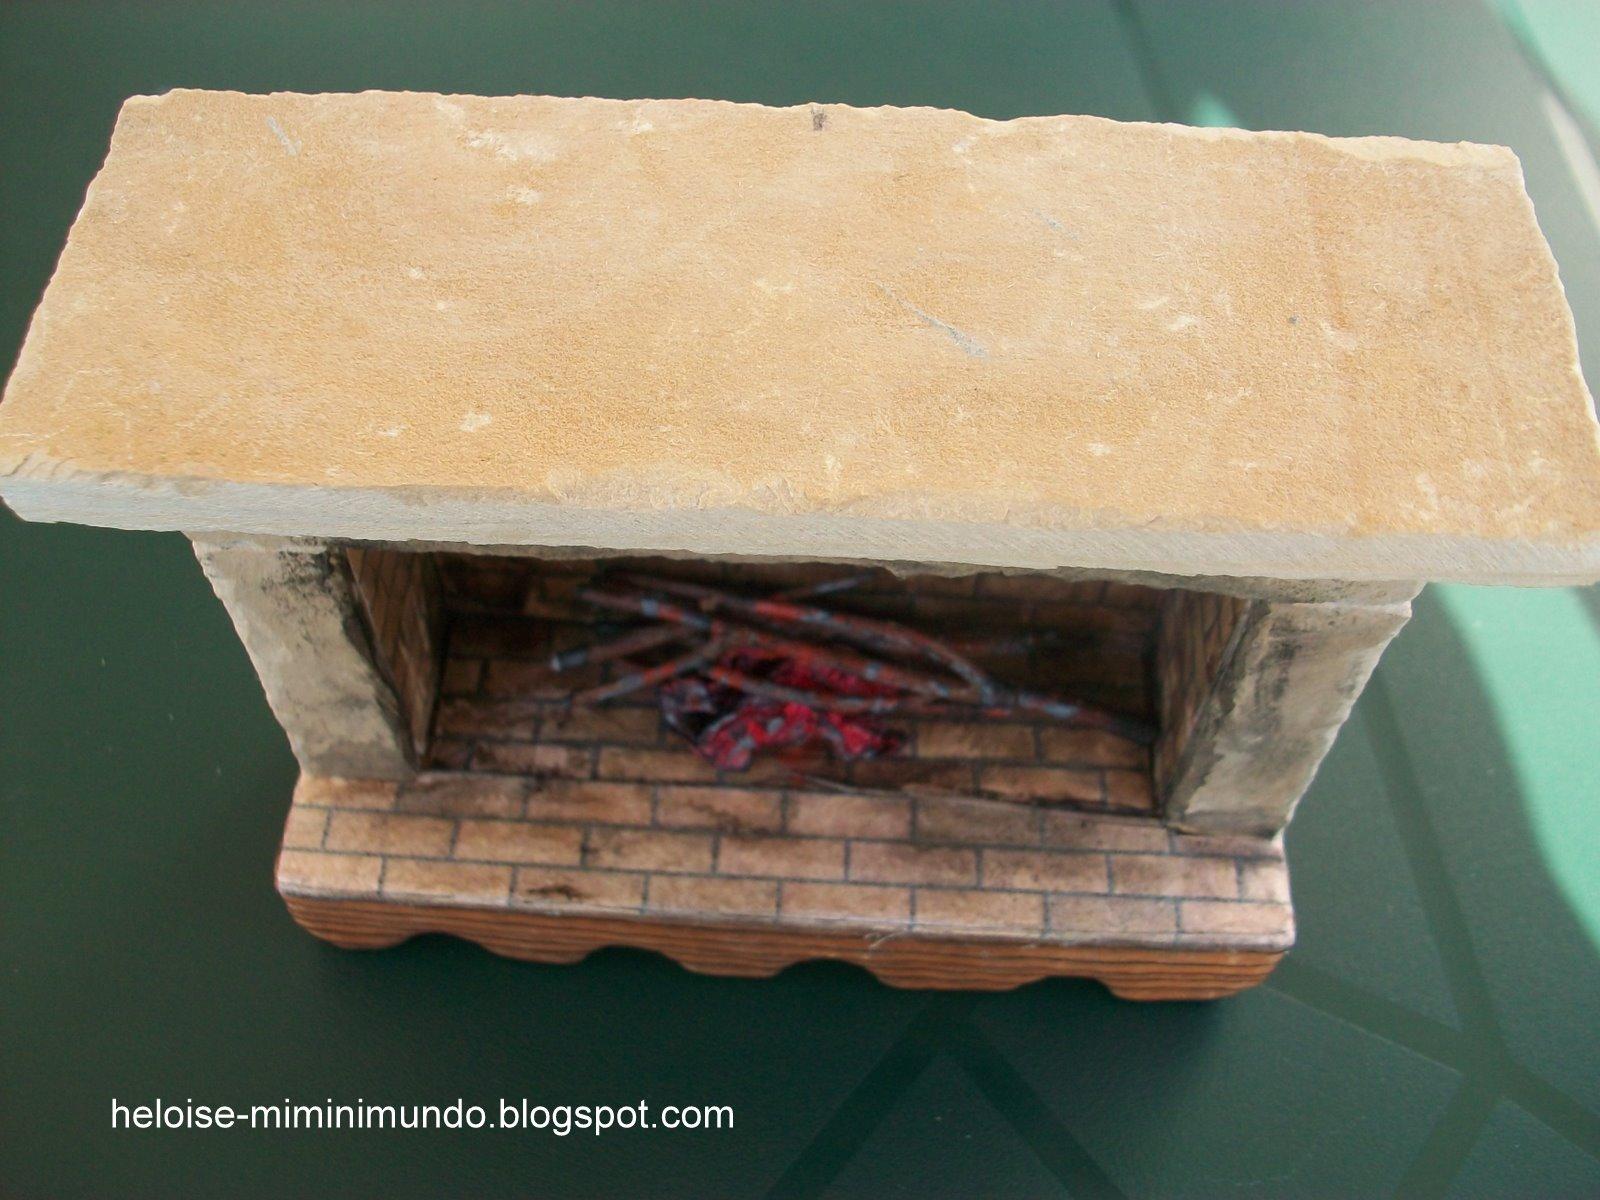 Casitas vs cositas la casa de mari puri chimenea de piedra de verdad - Poner chimenea en casa ...